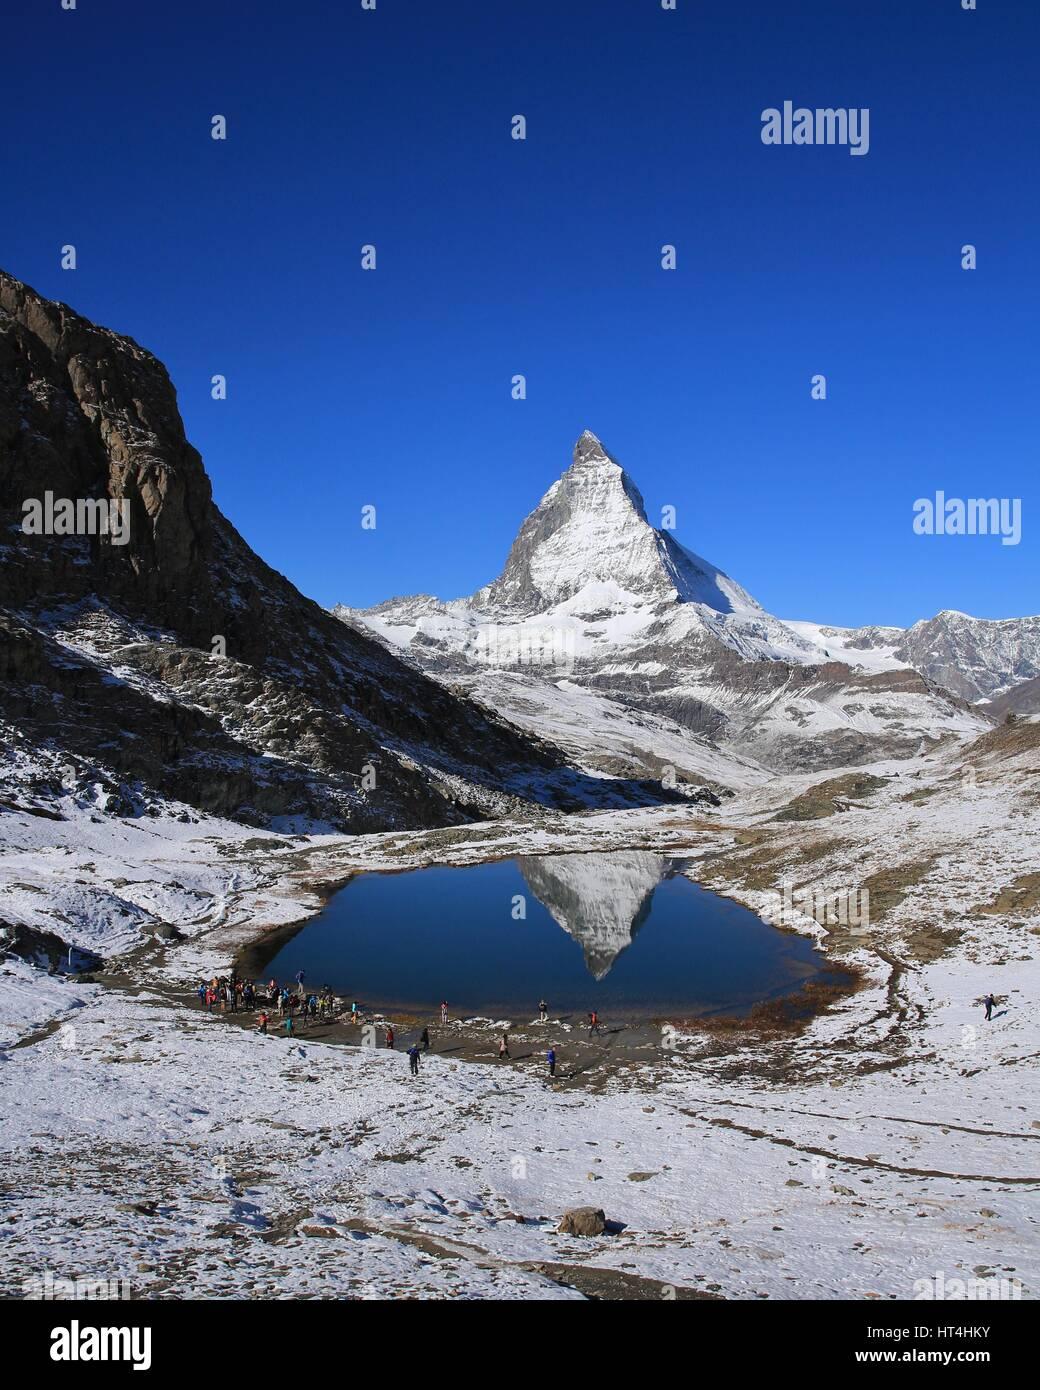 Il mirroring del Cervino nel lago Riffelsee. Giorni di autunno nelle Alpi Svizzere. Immagini Stock